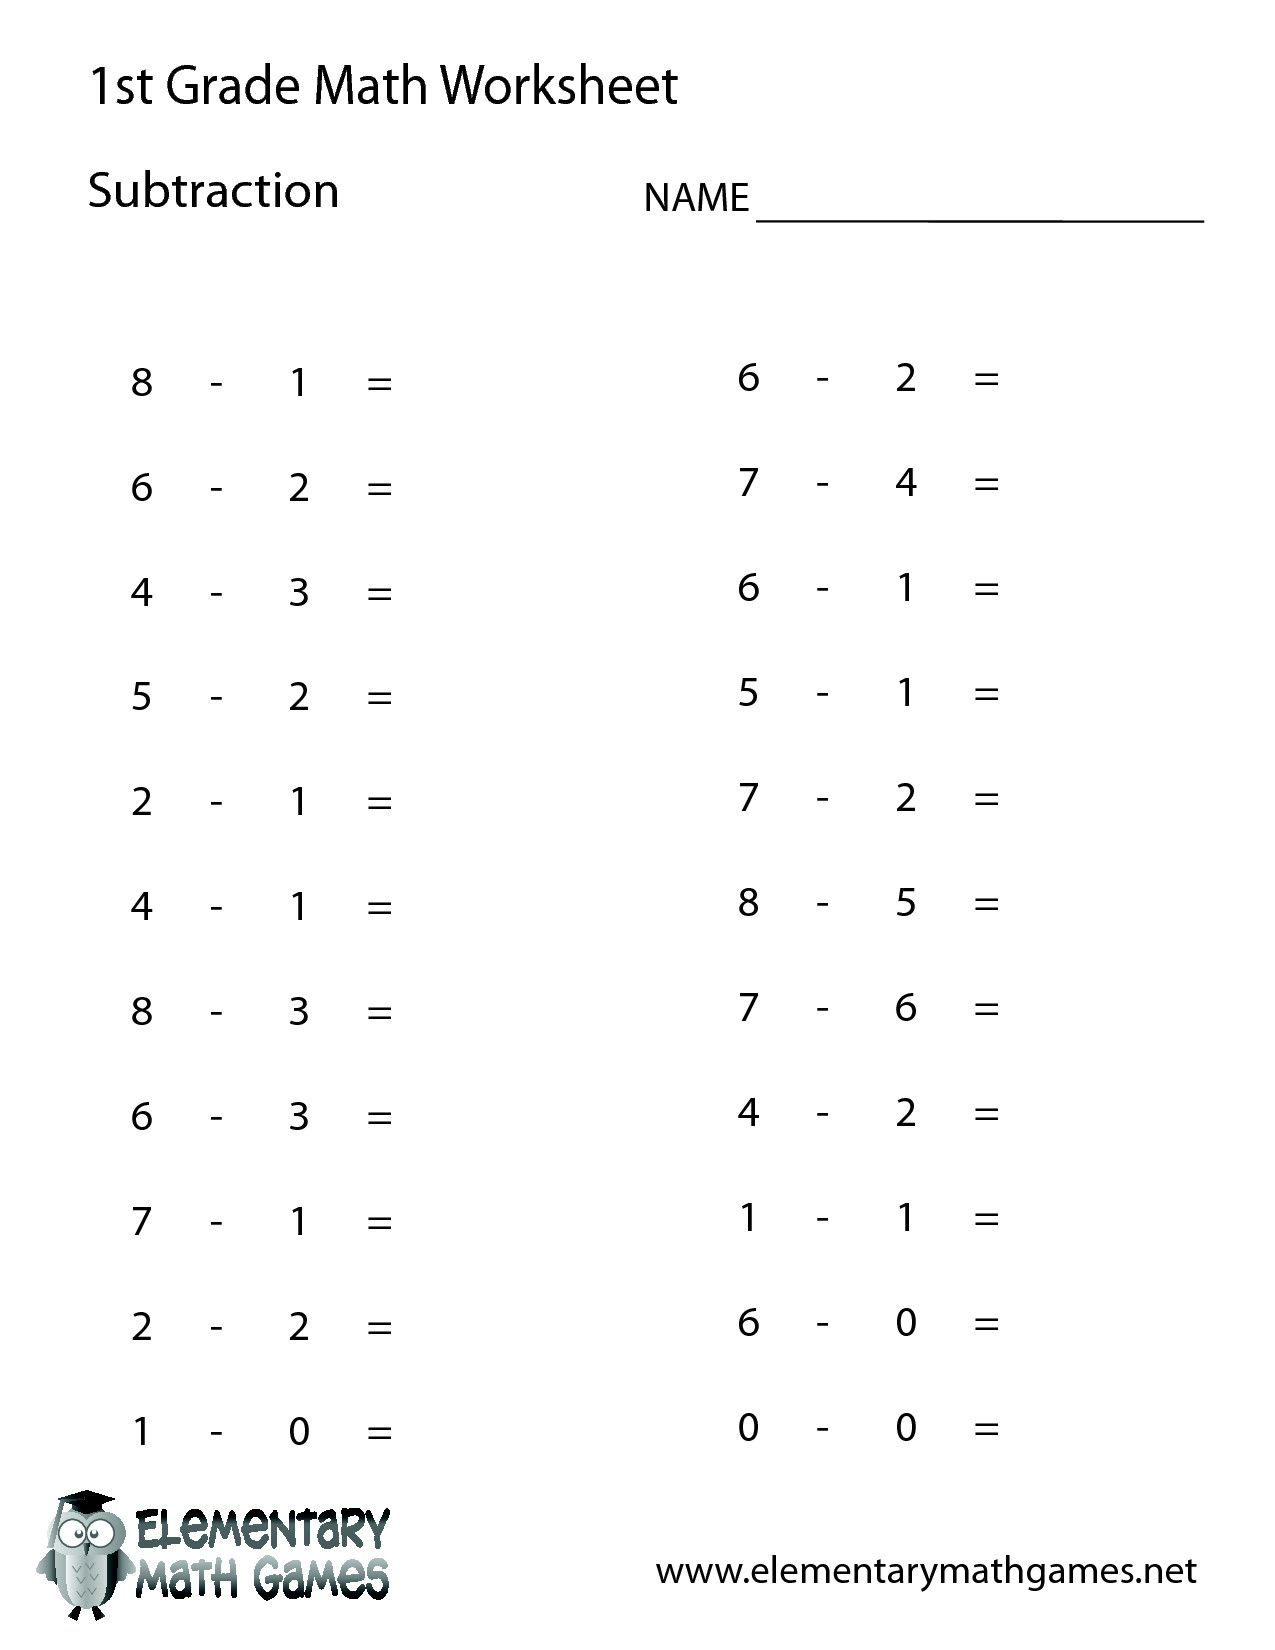 5 Worksheet Math Grade1 Subtraction Printable First Grade Math 1st Grade Math Worksh In 2020 1st Grade Math Worksheets First Grade Math Worksheets Easy Math Worksheets